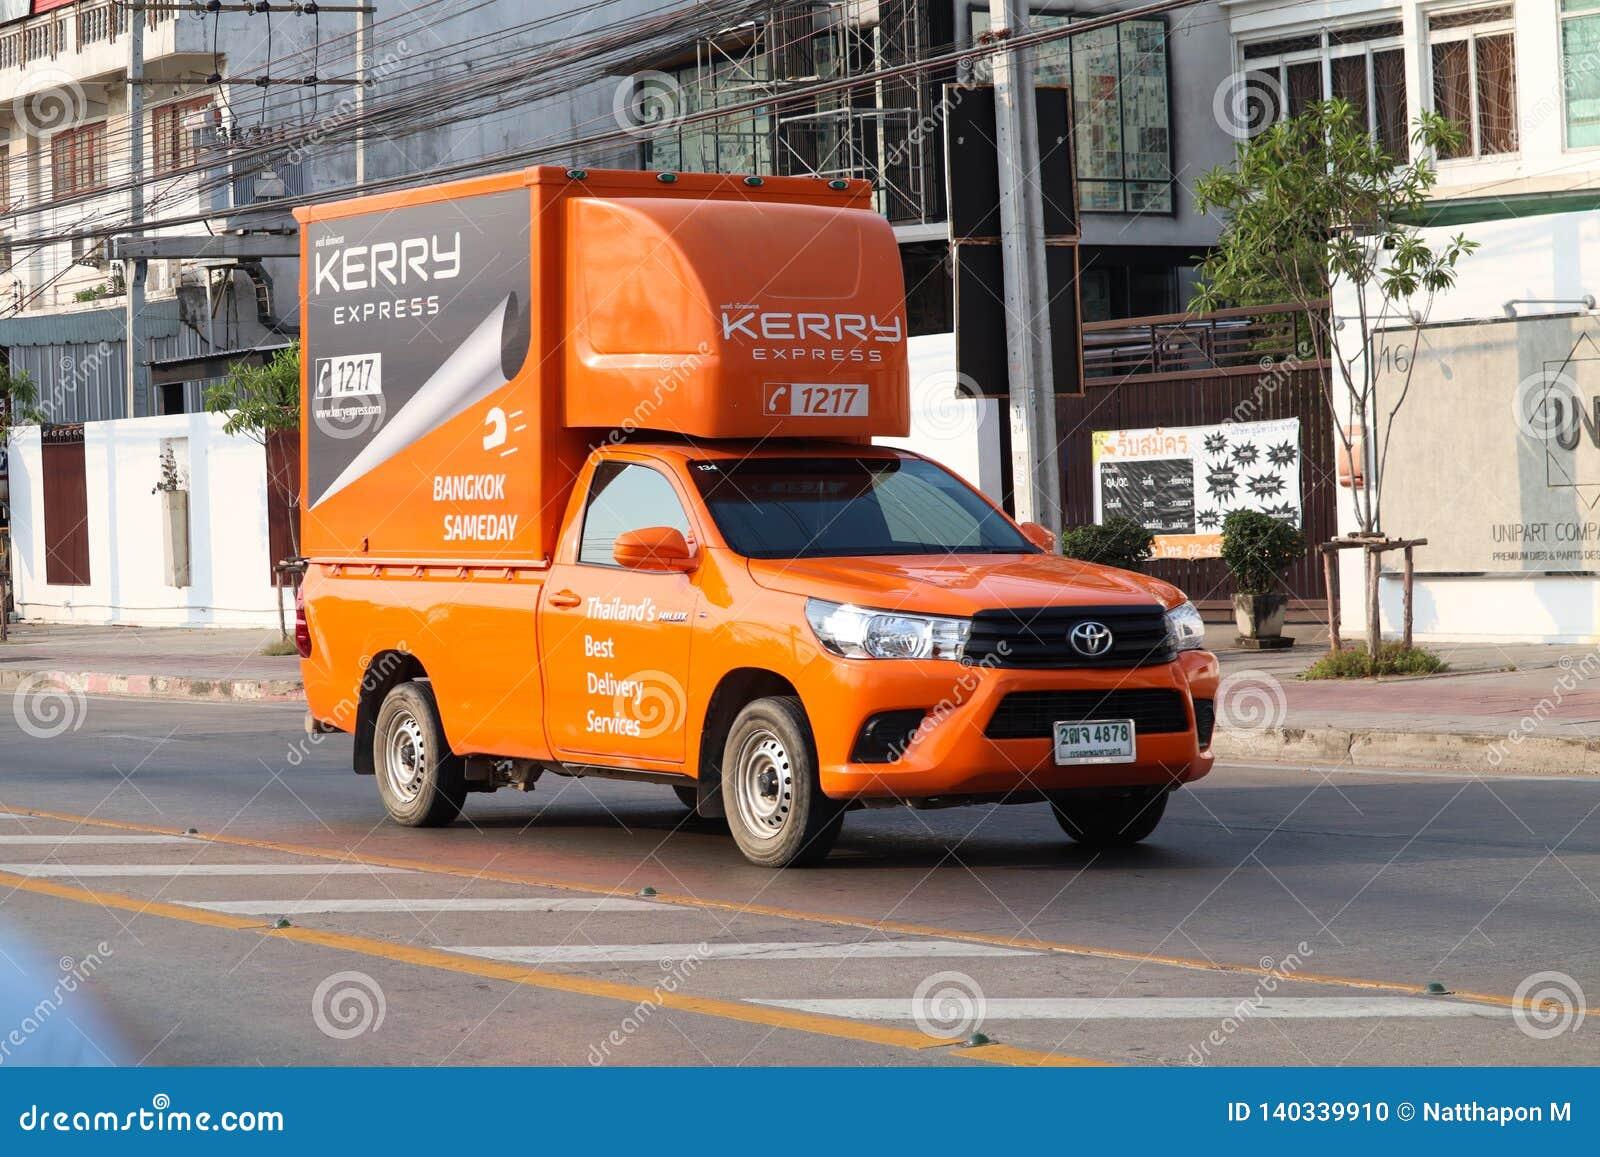 De uitdrukkelijke logistische vrachtwagen van Kerry